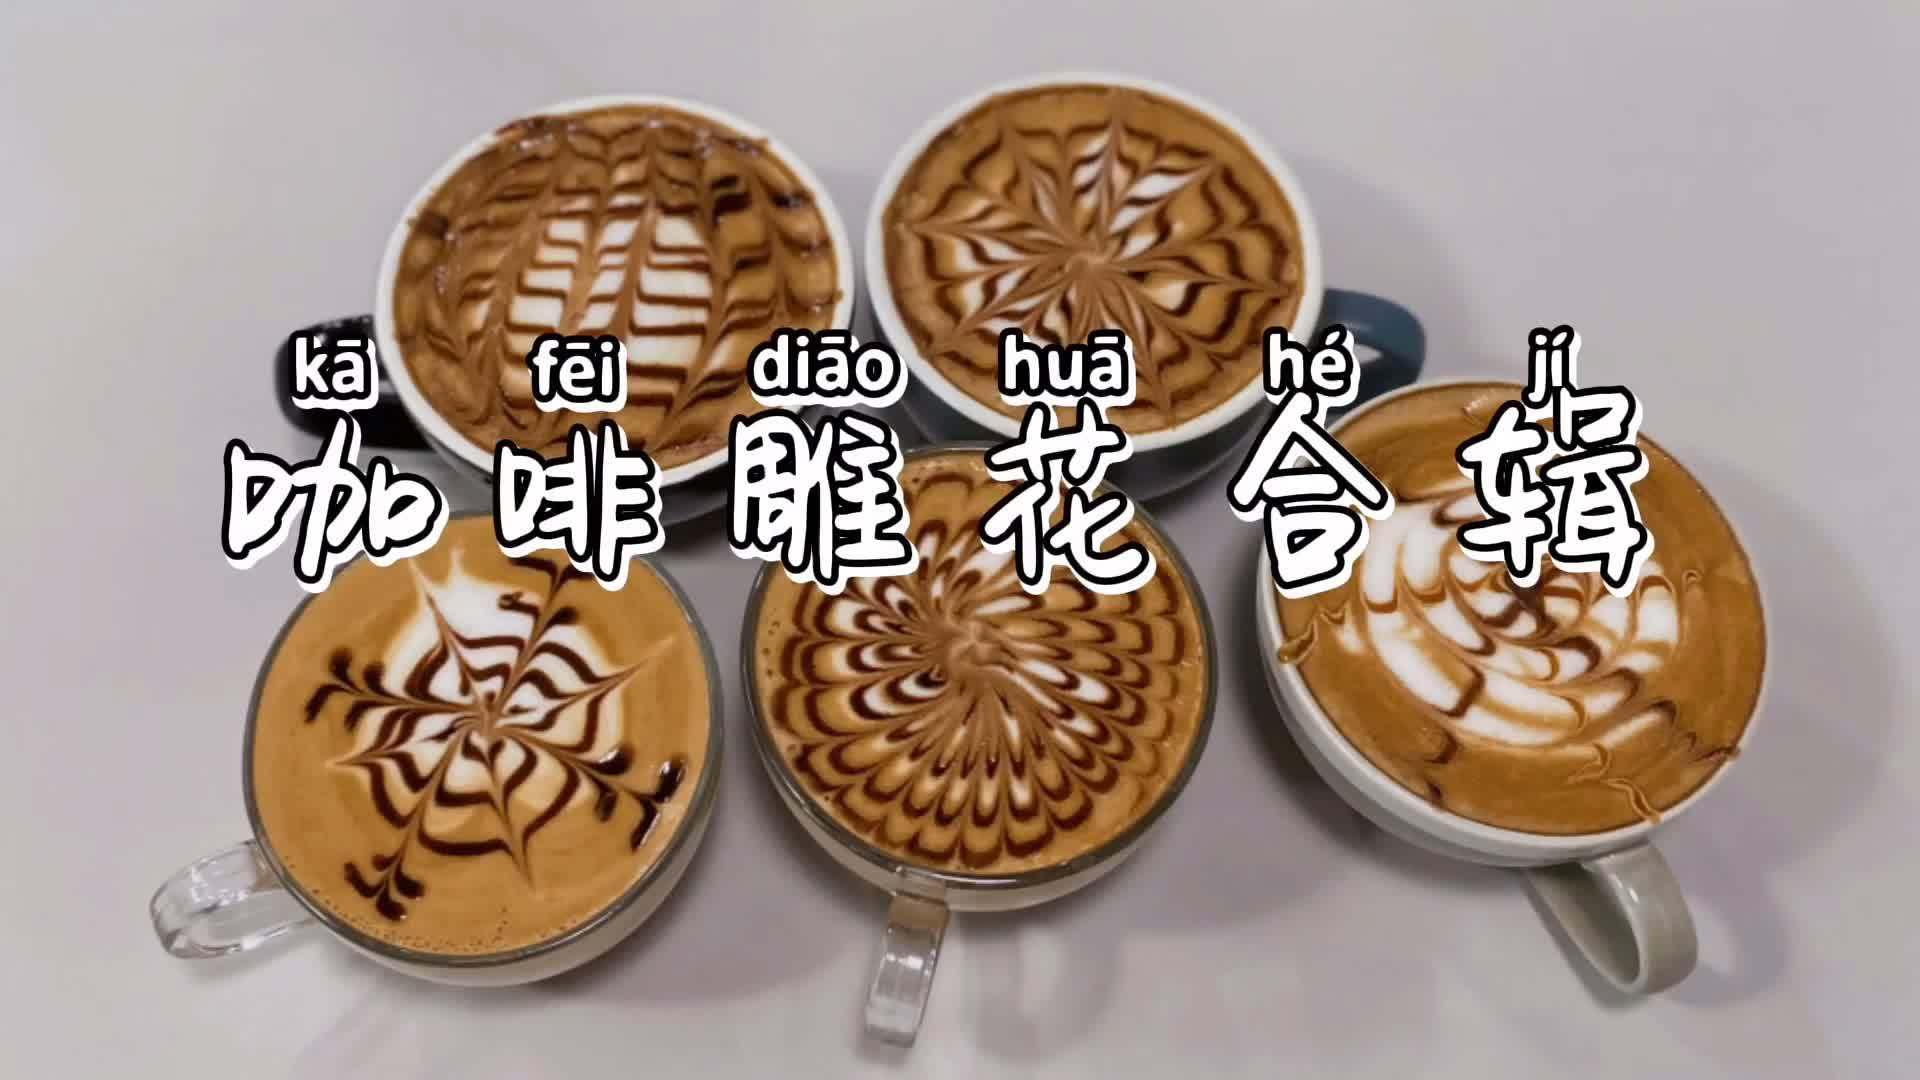 咖啡雕花合辑 需要用到的材料🈶:雕花针、巧克力酱、焦糖酱…………